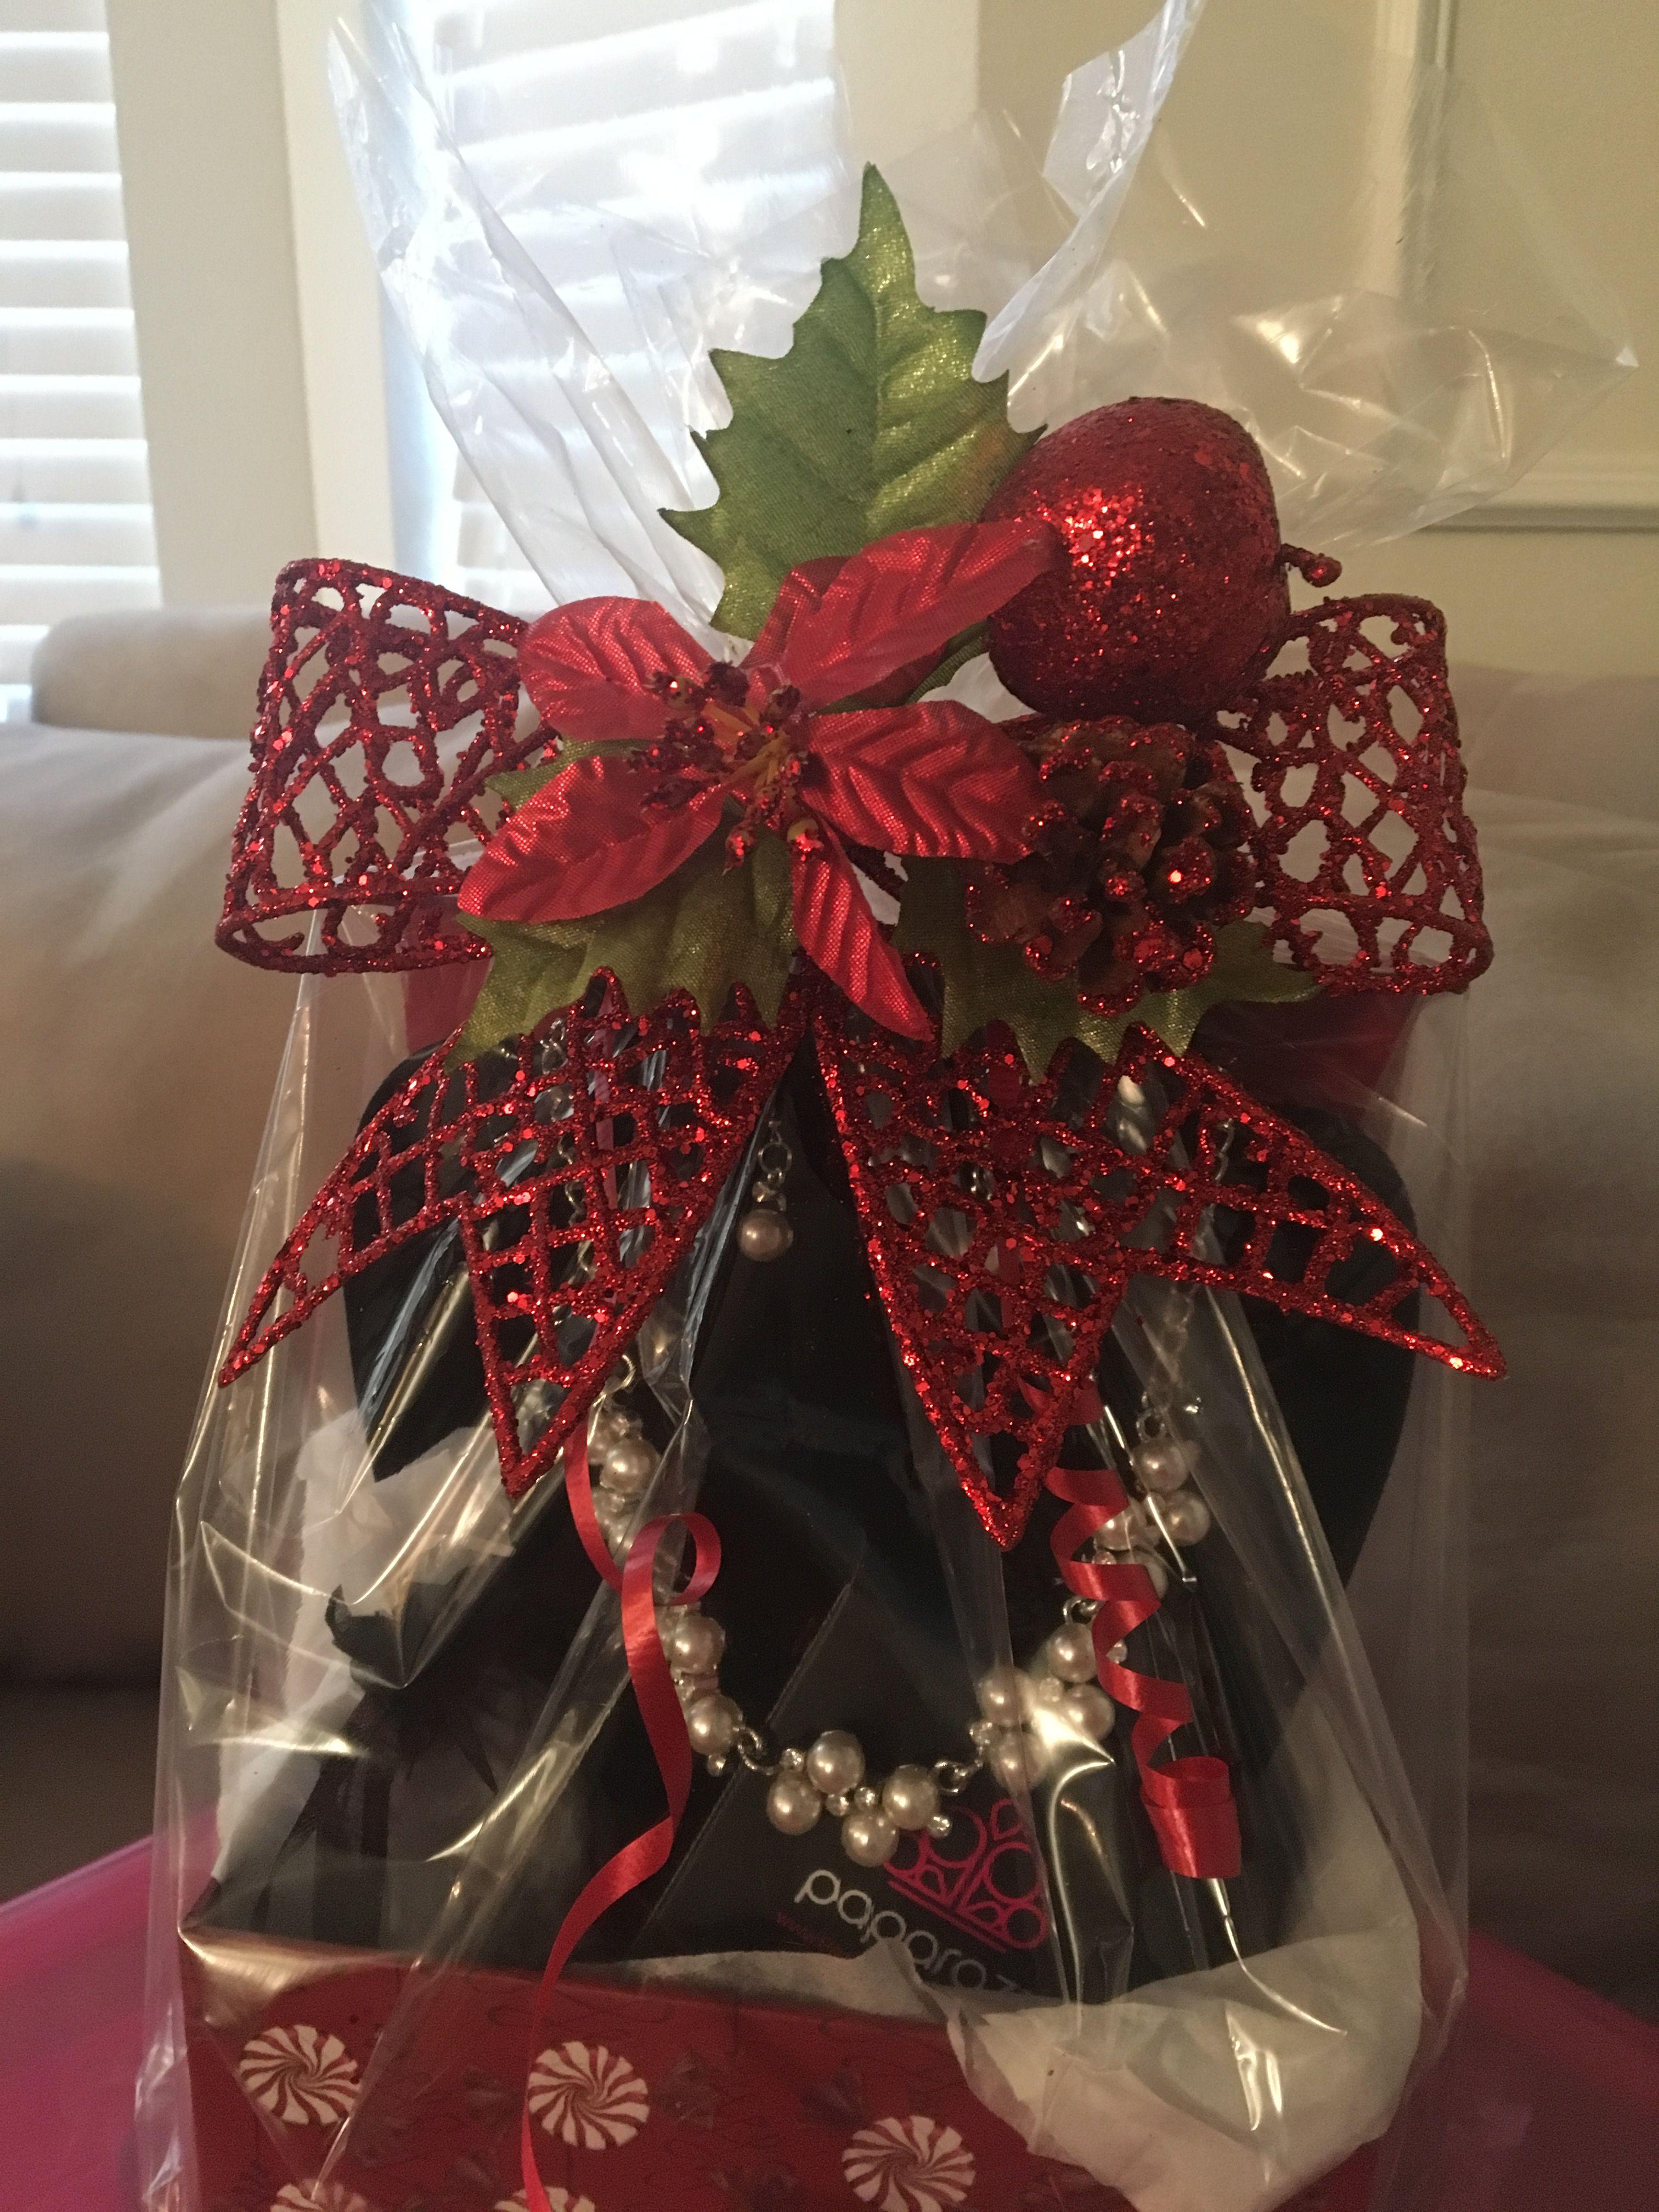 Jewelry gift baskets paparazzi jewelry pinterest for Paparazzi jewelry gift basket